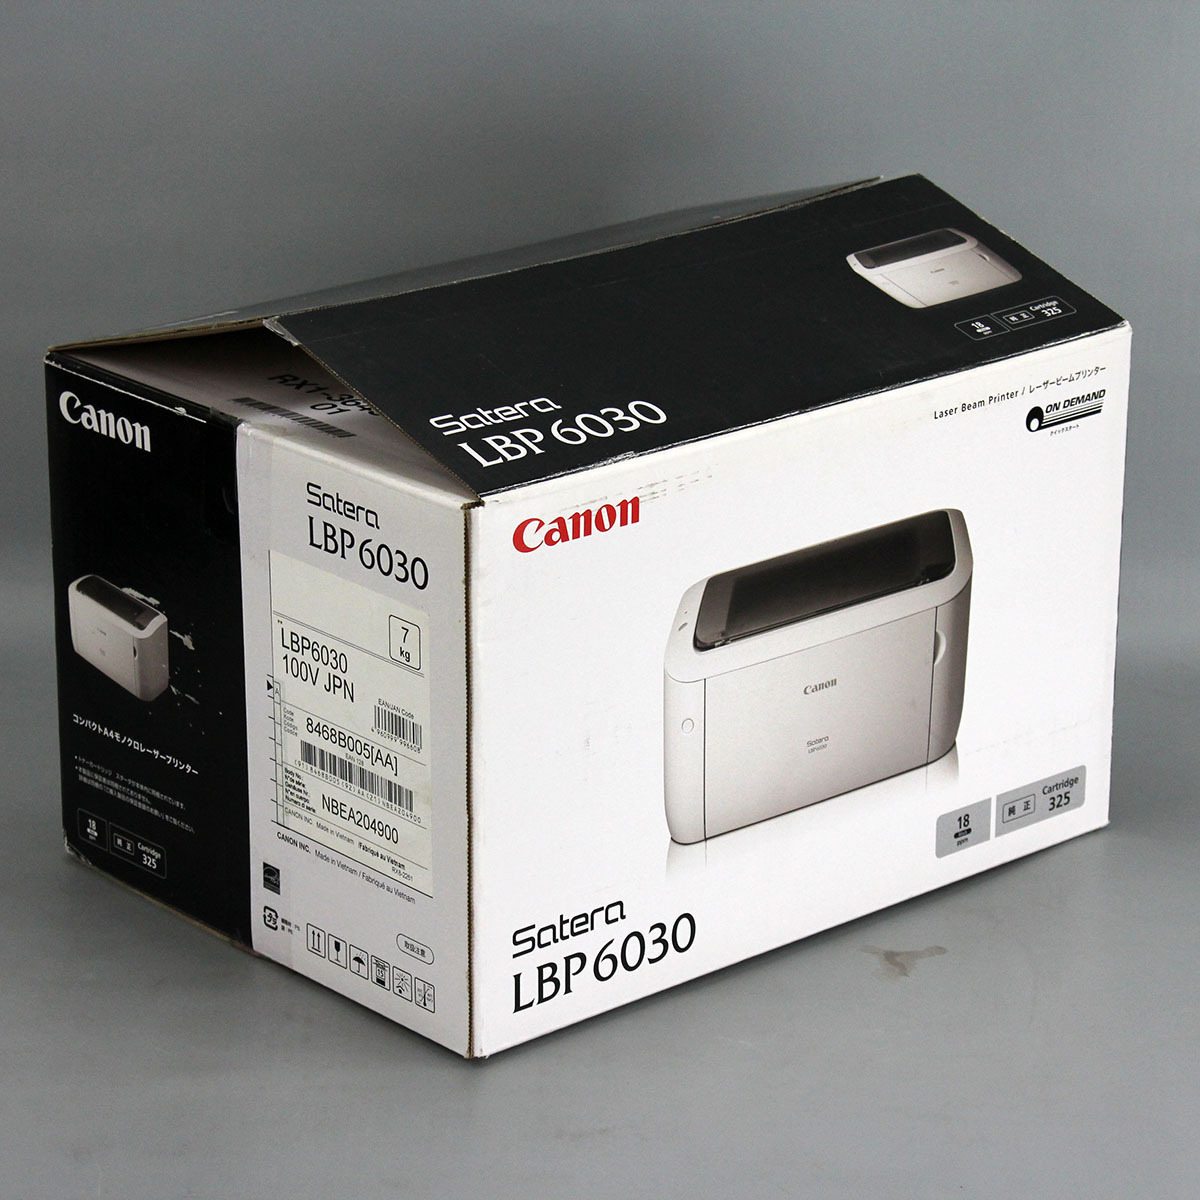 【即決】Canon / Satera LBP6030 / 開封済 未使用品 /モノクロレーザープリンター / A4対応 中古#H_画像4